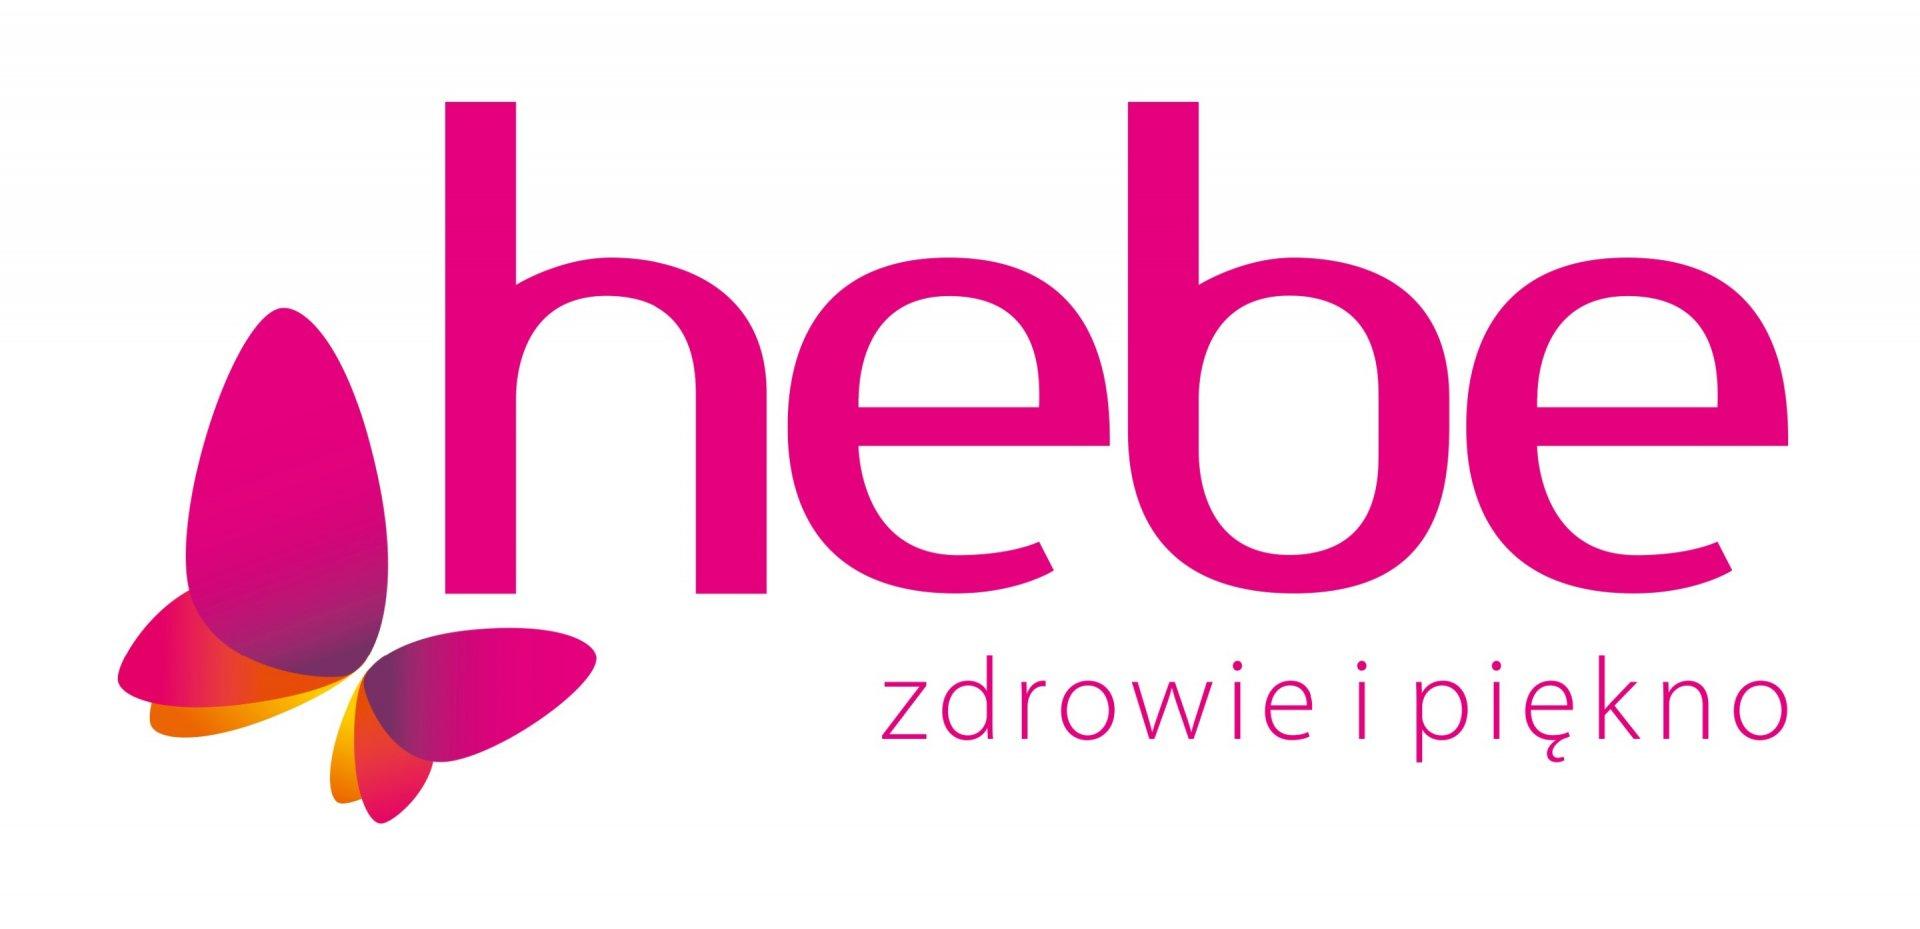 Okazje kosmetyczne w Hebe - zestawienie 6 produktów (kremy, maseczka, perfumy, tusz do rzęs)